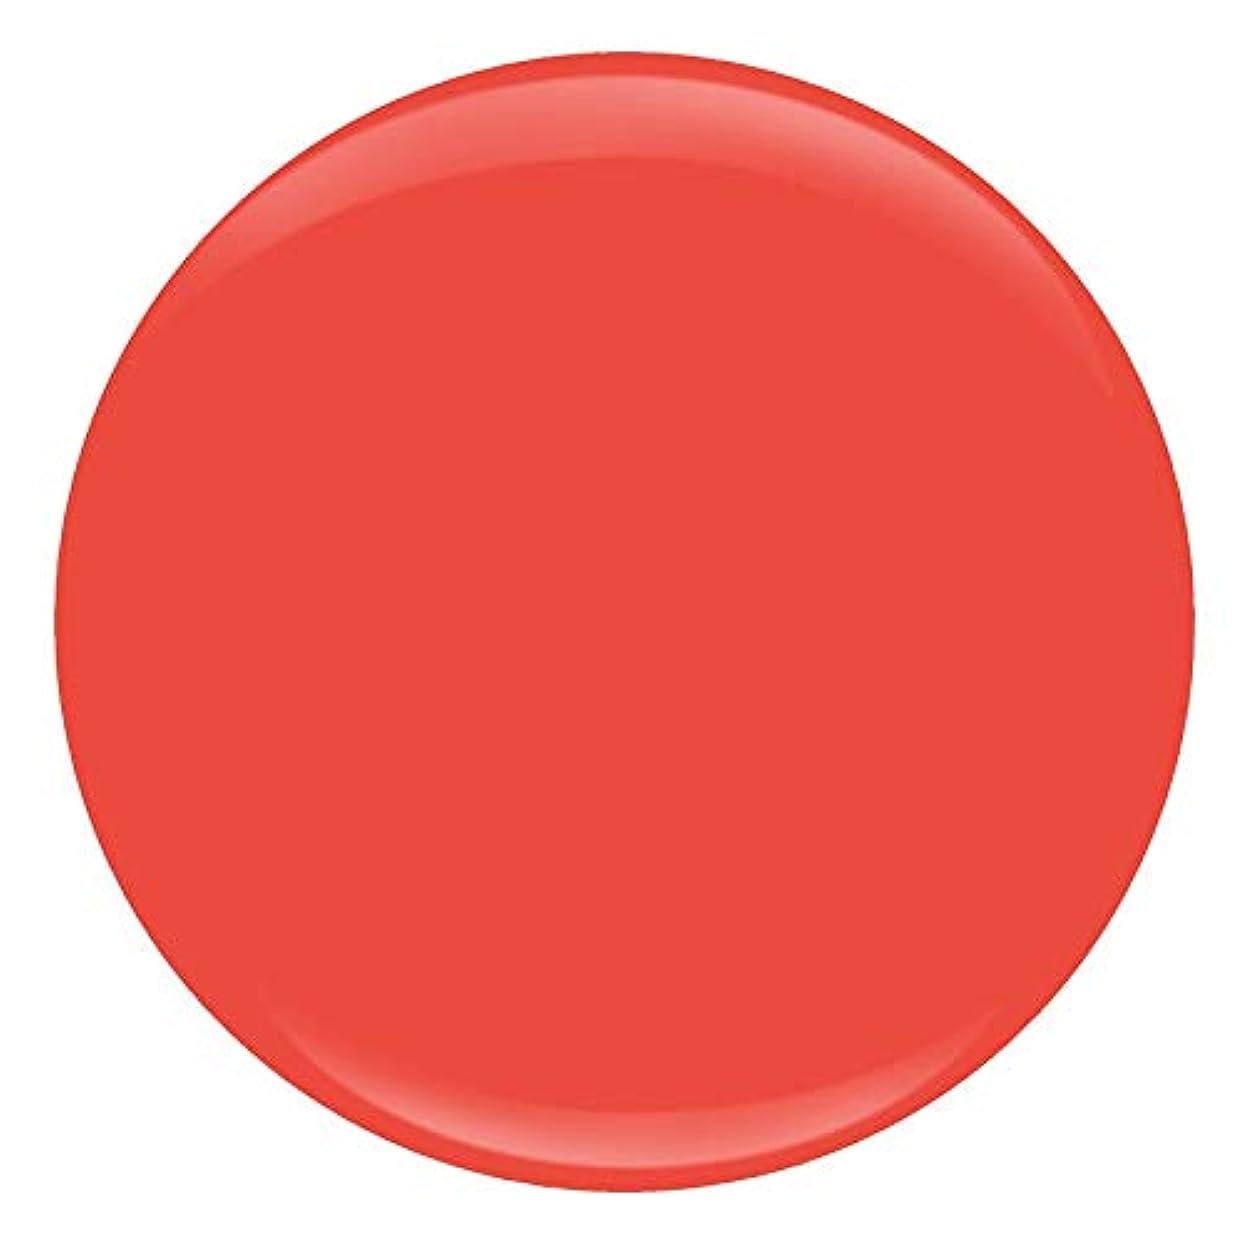 ペインコレクションわなEntity One Color Couture Gel Polish - Diana-Myte - 0.5oz / 15ml